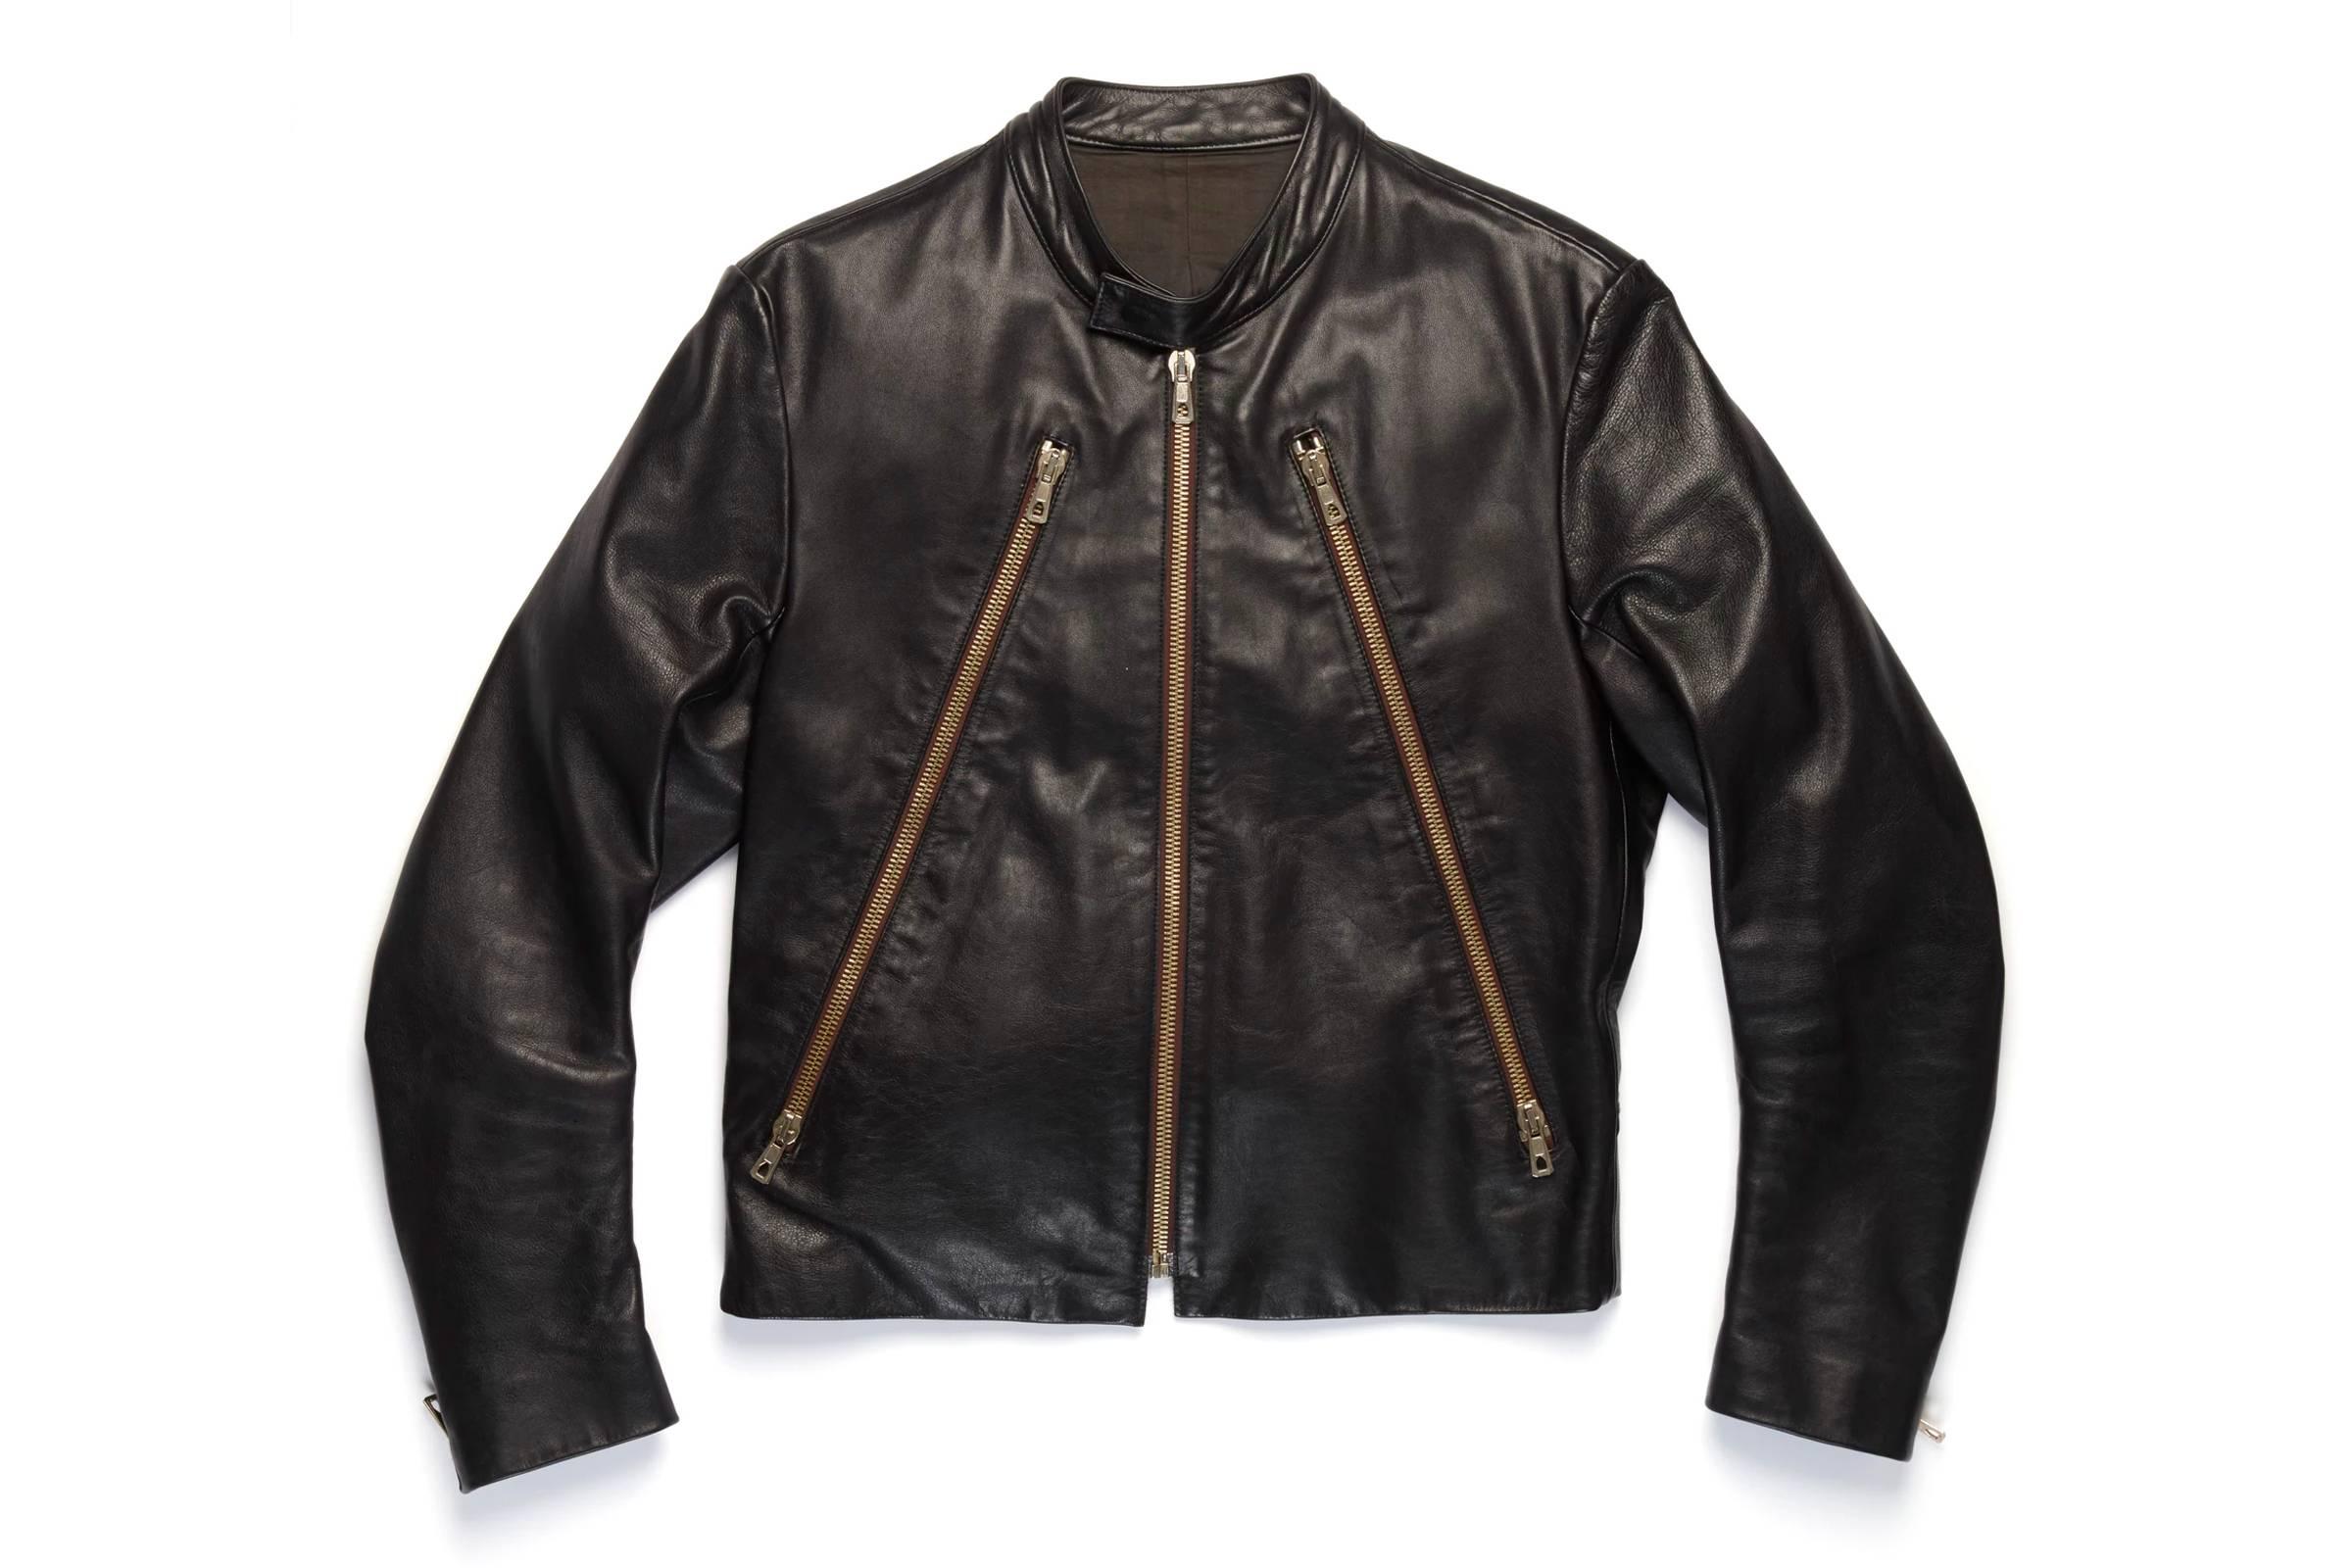 Maison Margiela 5 Zip Black Leather Jacket